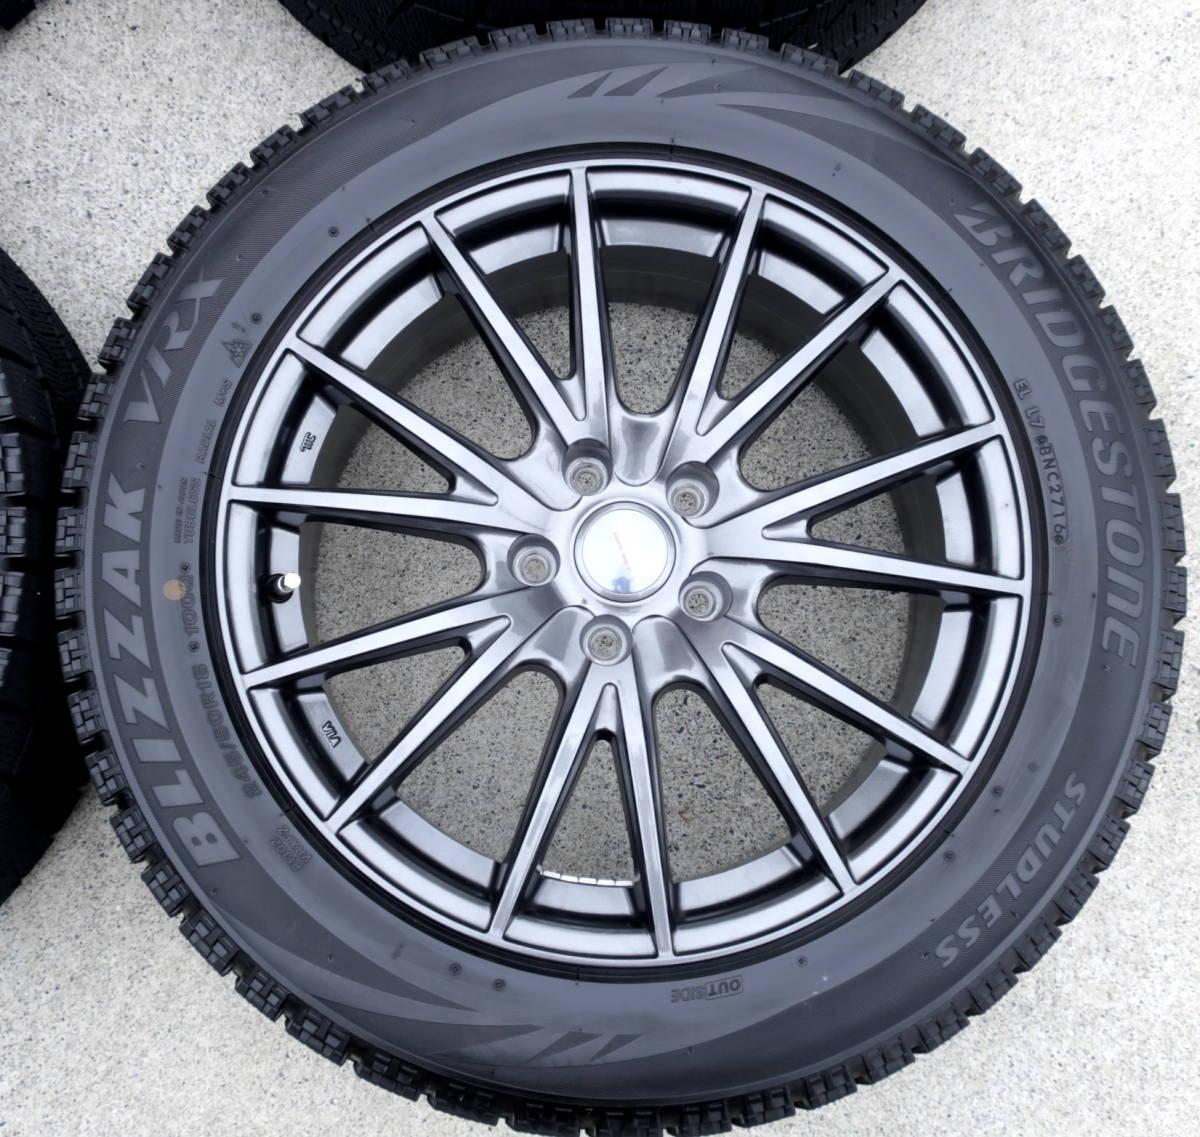 VELVA 軽量ホイル+BLIZZAK VRX 245/50R18 スタッドレス タイヤ 4本 アルファード ヴェルファイア エルグランド フーガ ハリアー CR-V CH-R_画像3